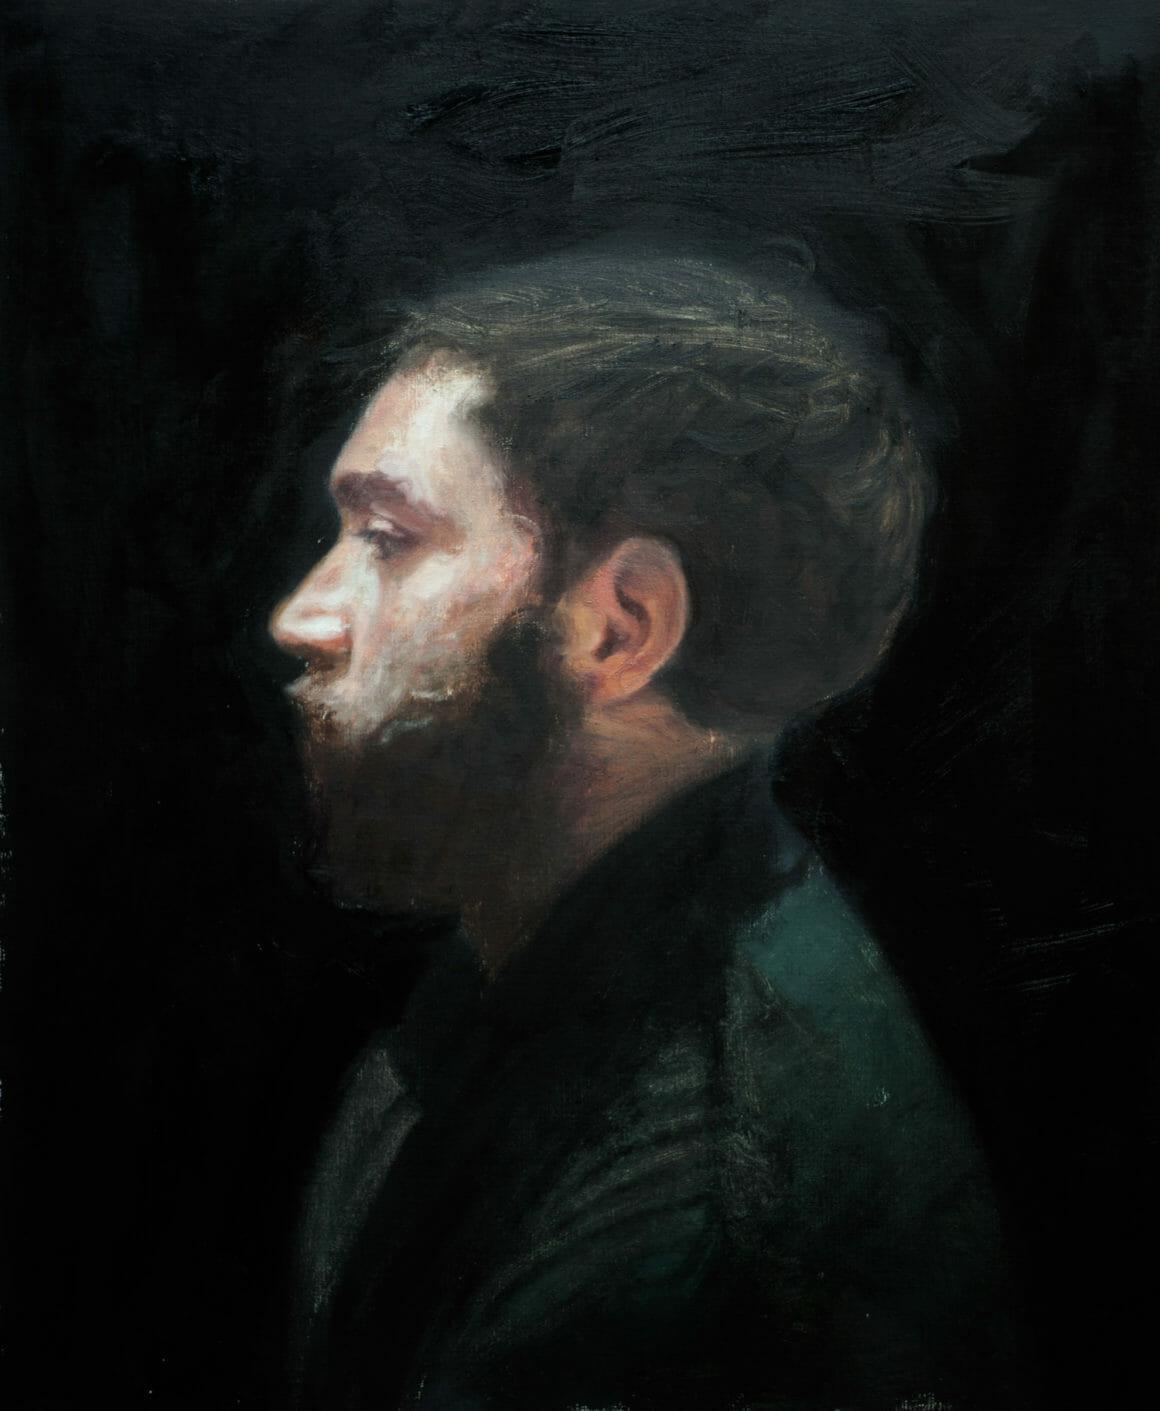 série de portraits par le street artist Axel Void